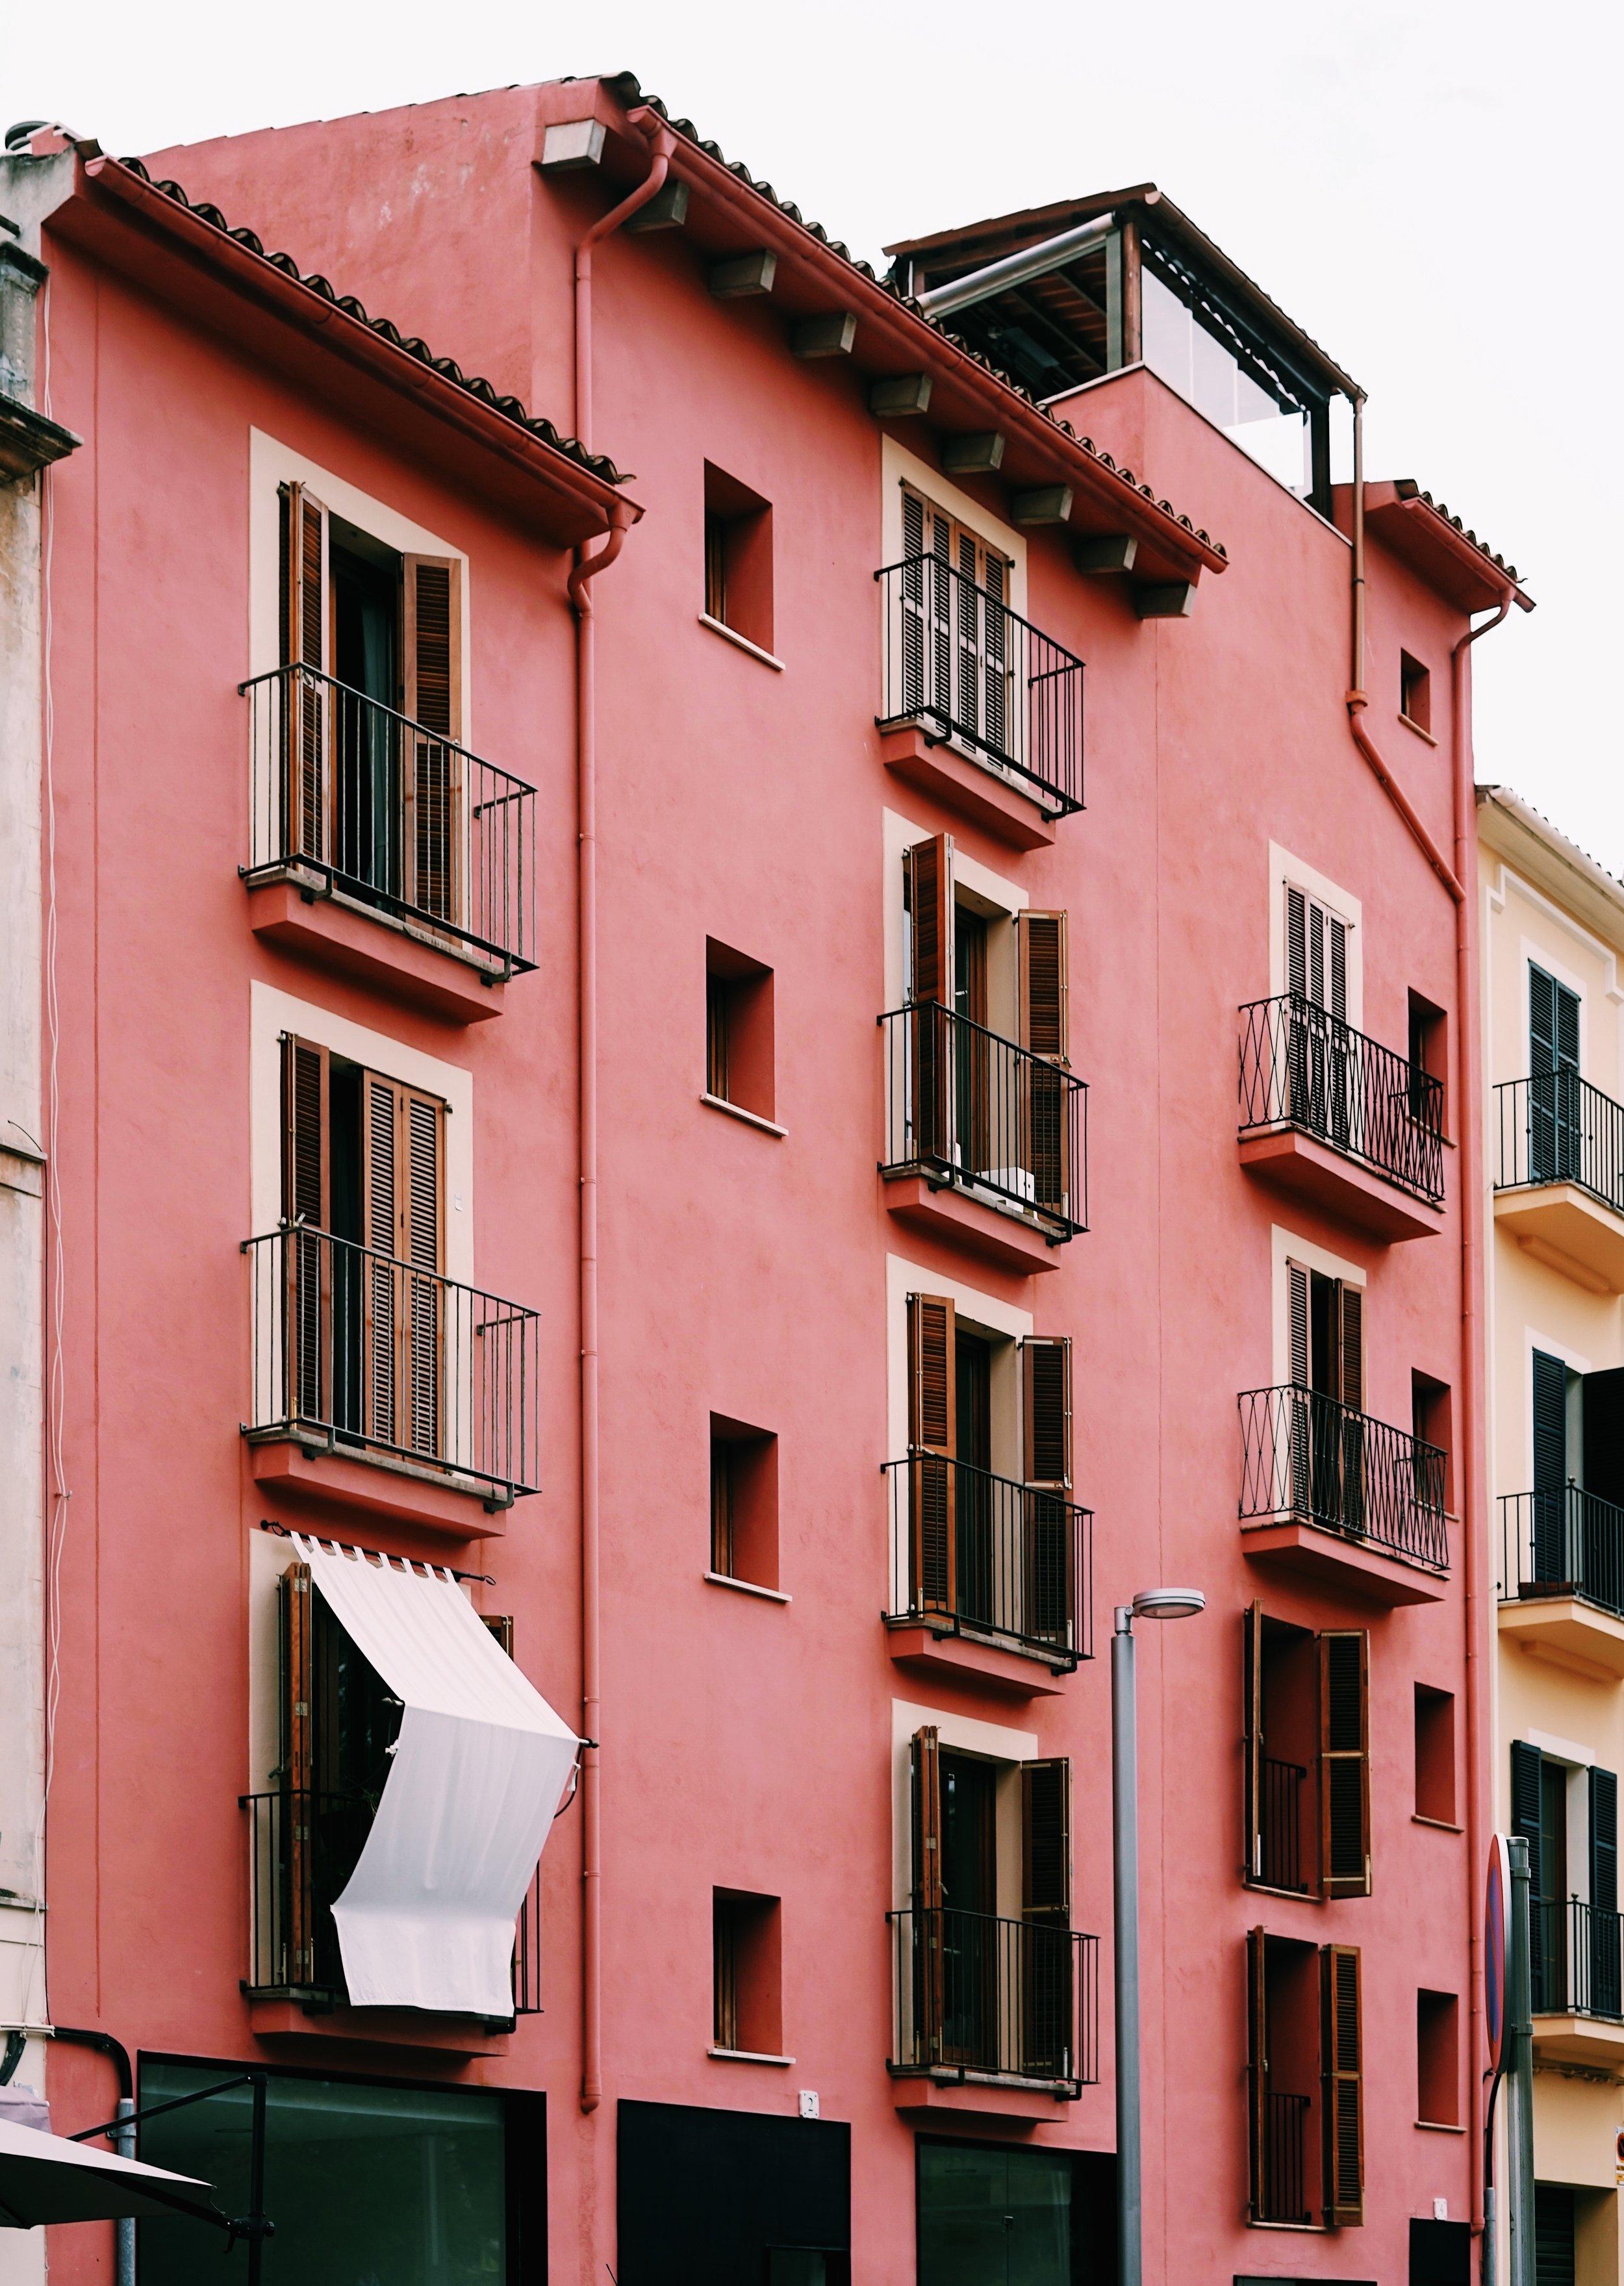 Mallorca (Majorca), Spain by Oscar Nord on Unsplash